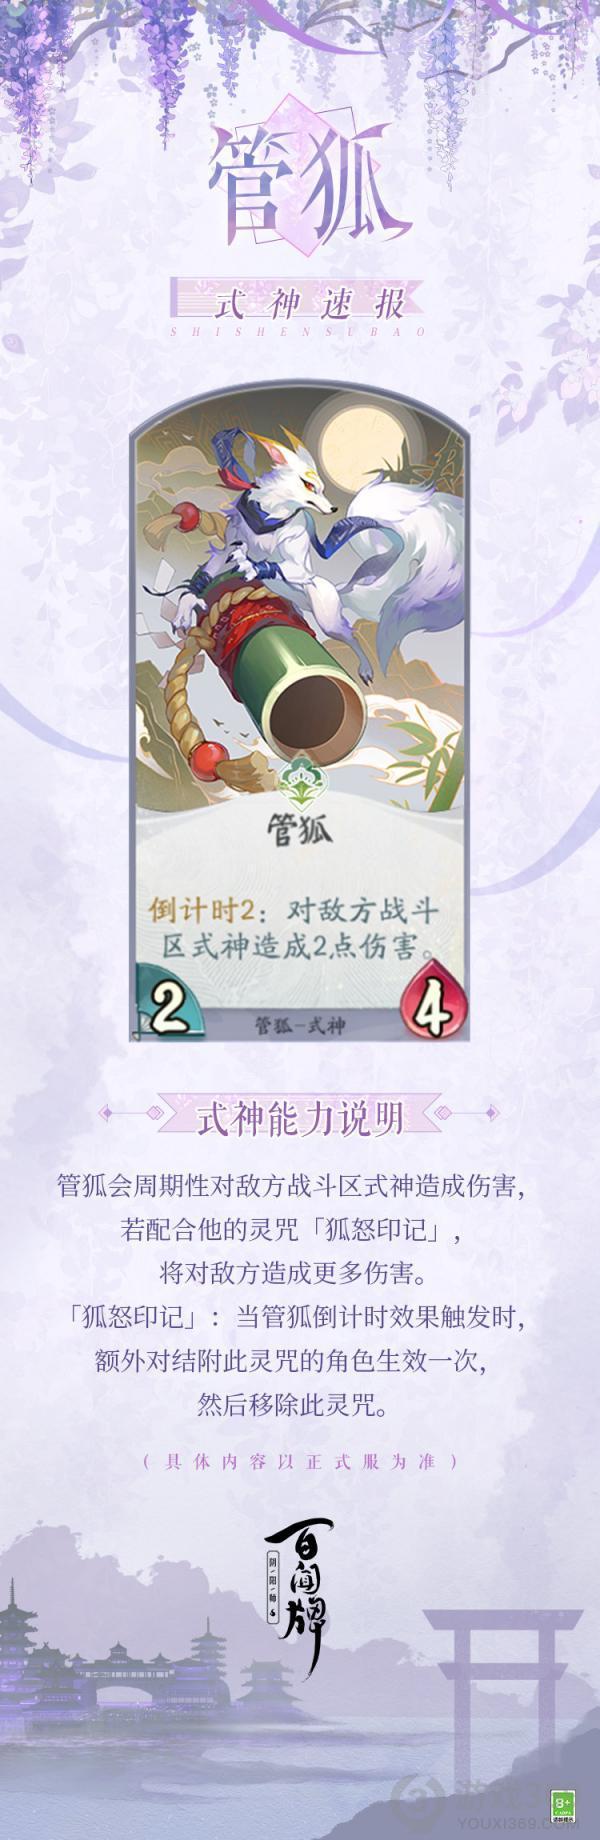 百闻牌《繁花入梦》新式神管狐曝光